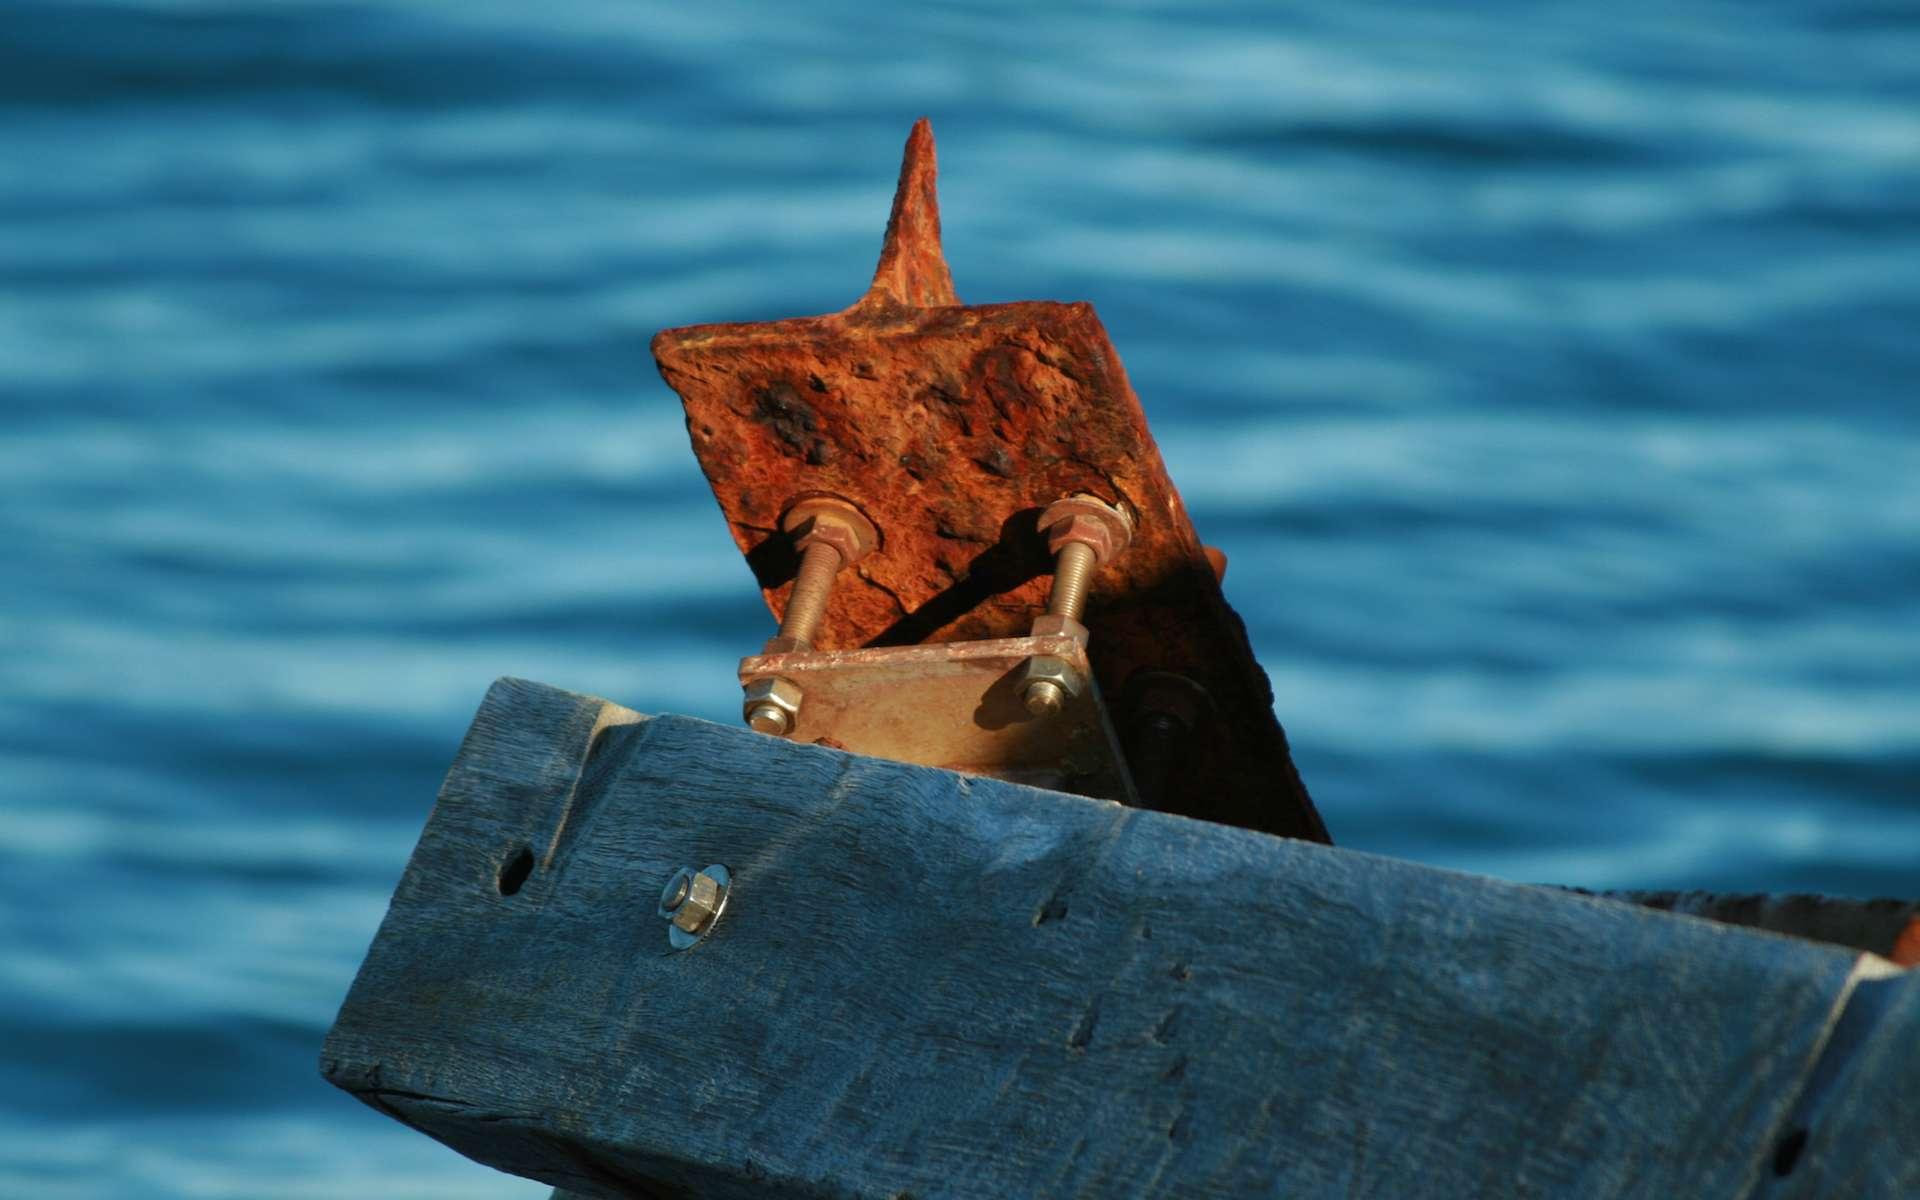 La rouille est l'une des manifestations de la réaction d'oxydation. © new-york-city, Flickr, CC by-nc-nd 2.0